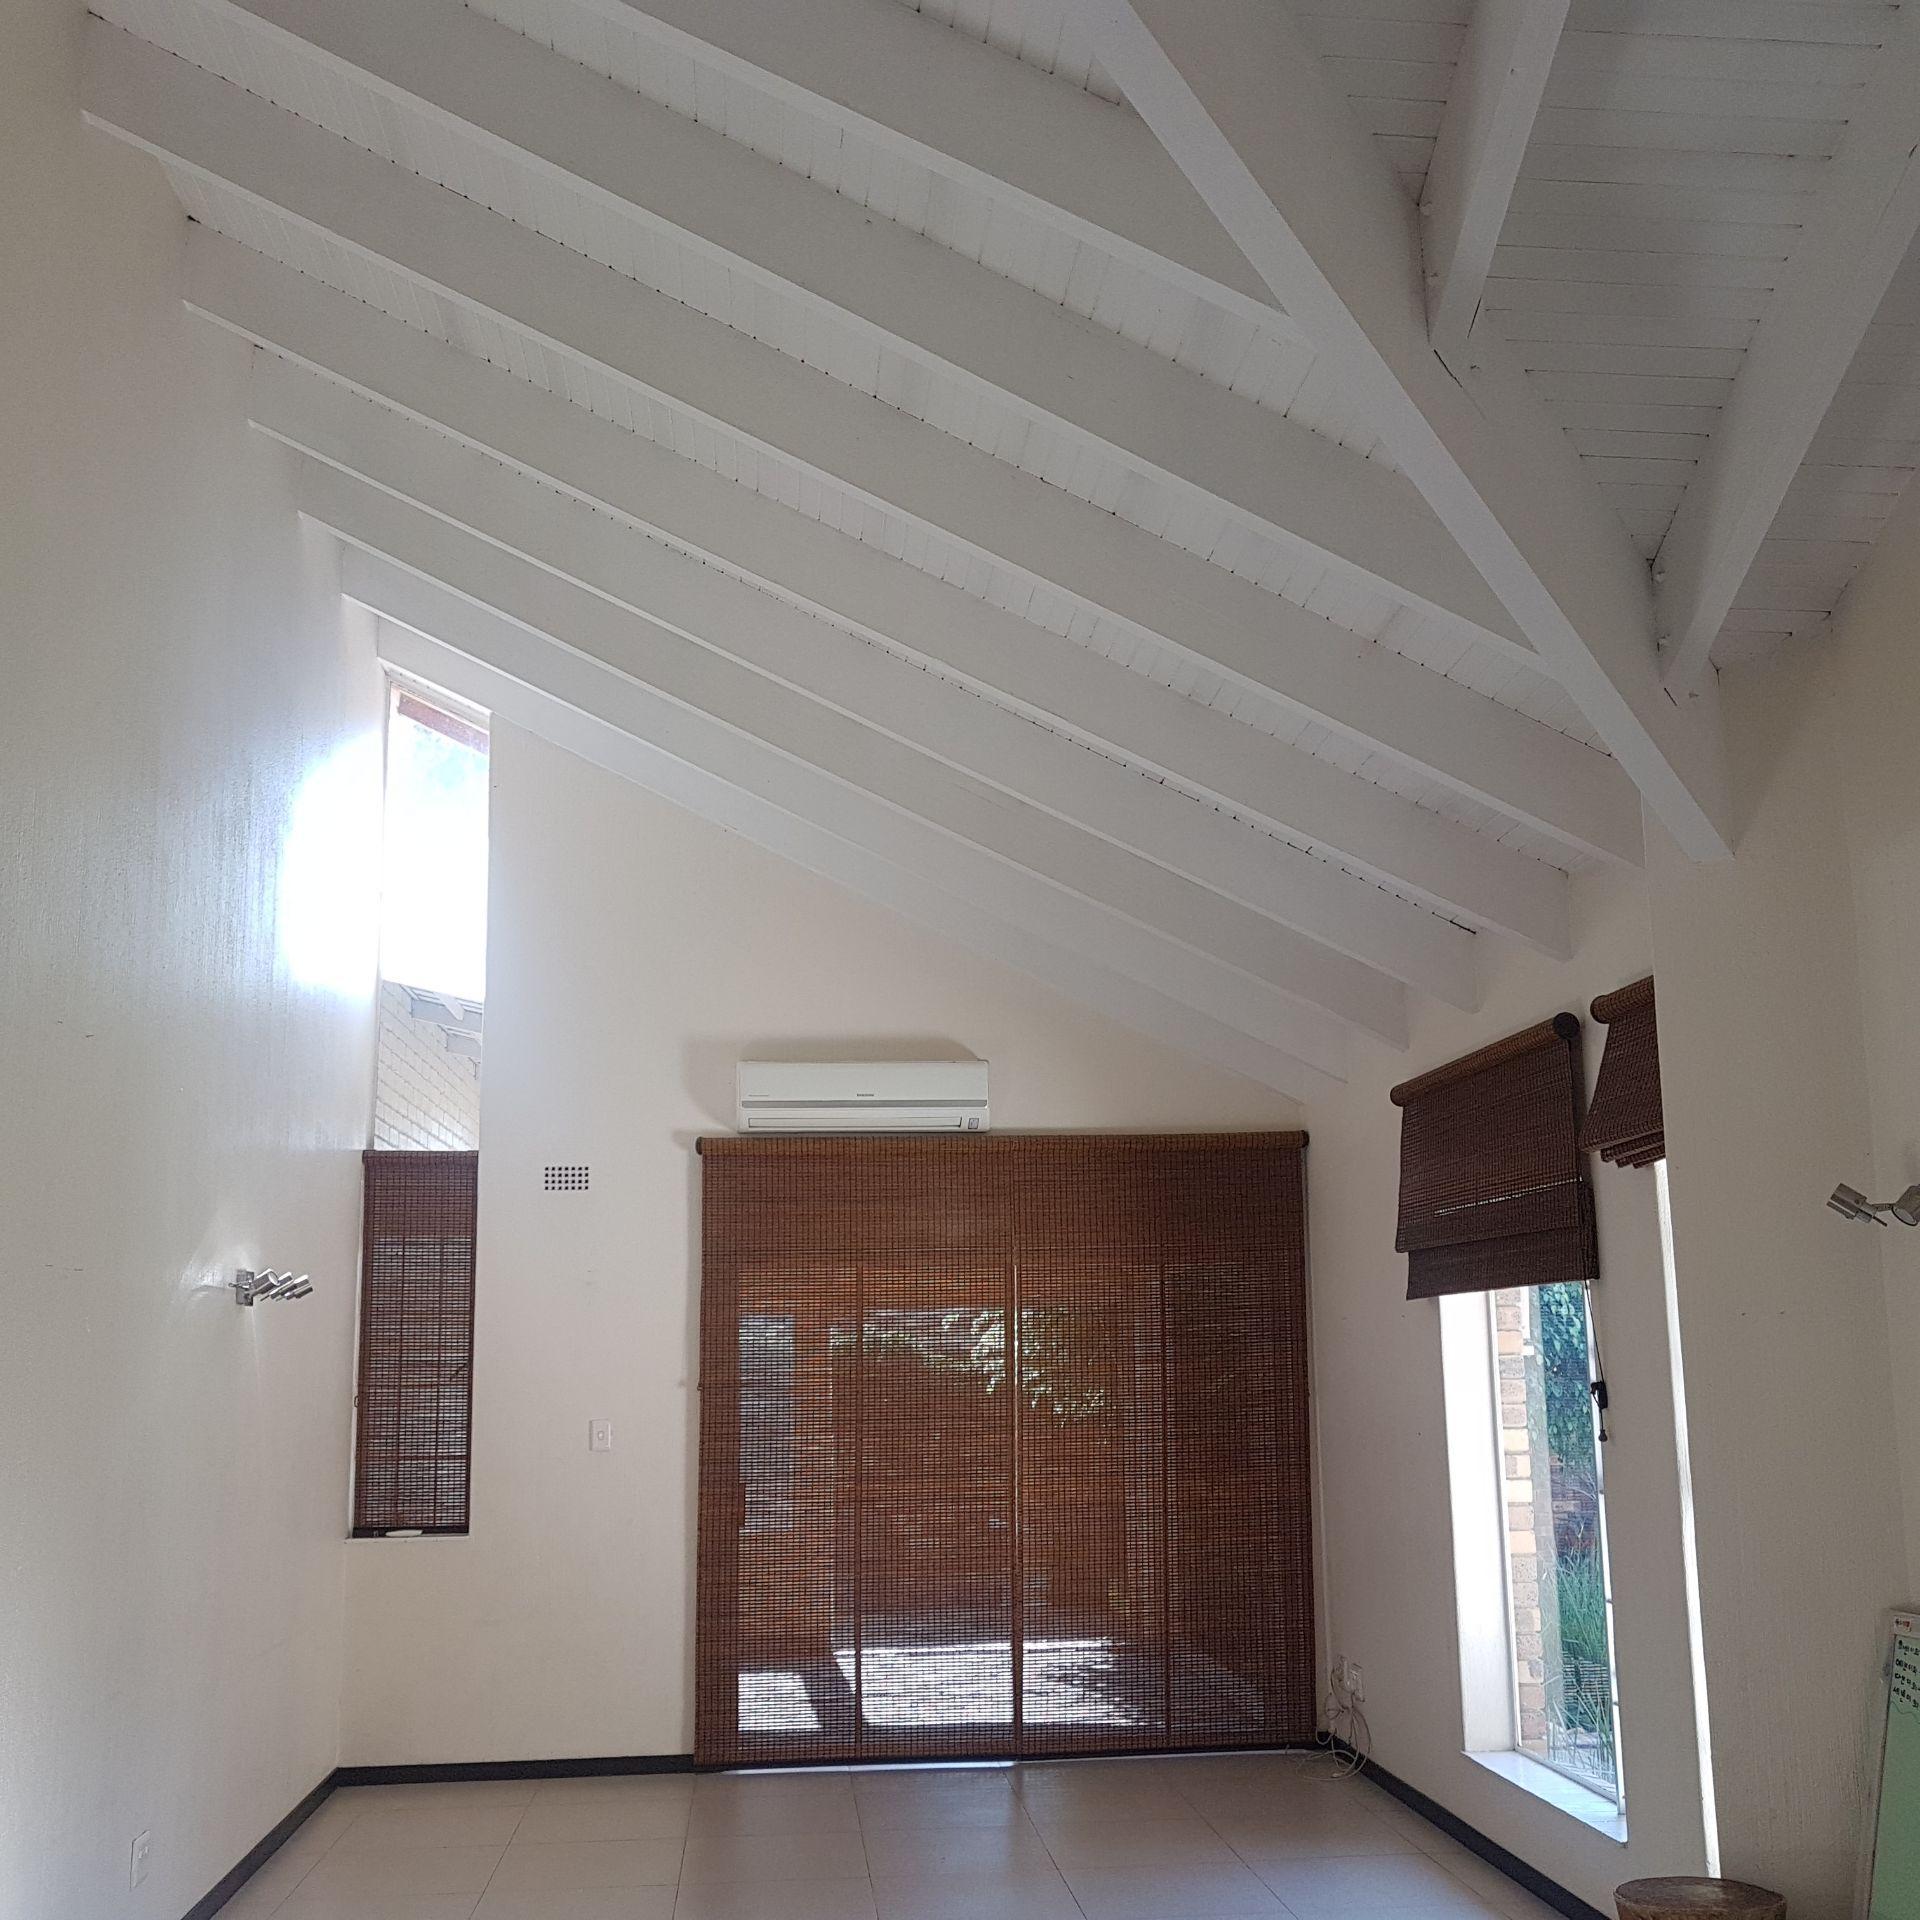 Lounge ceiling.jpg